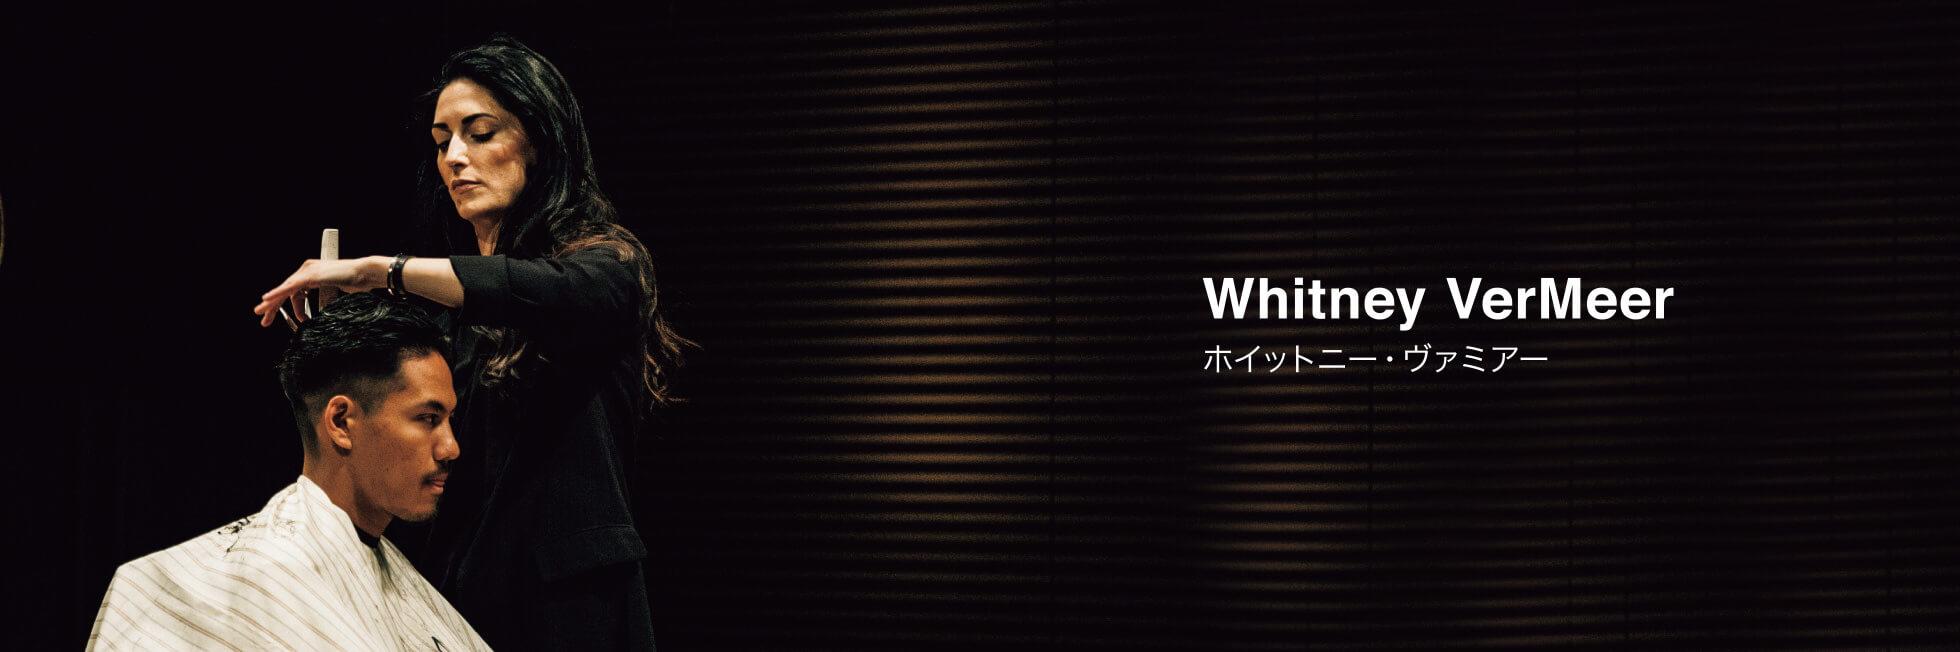 Whitney VerMeer ホイットニー・ヴァミアー